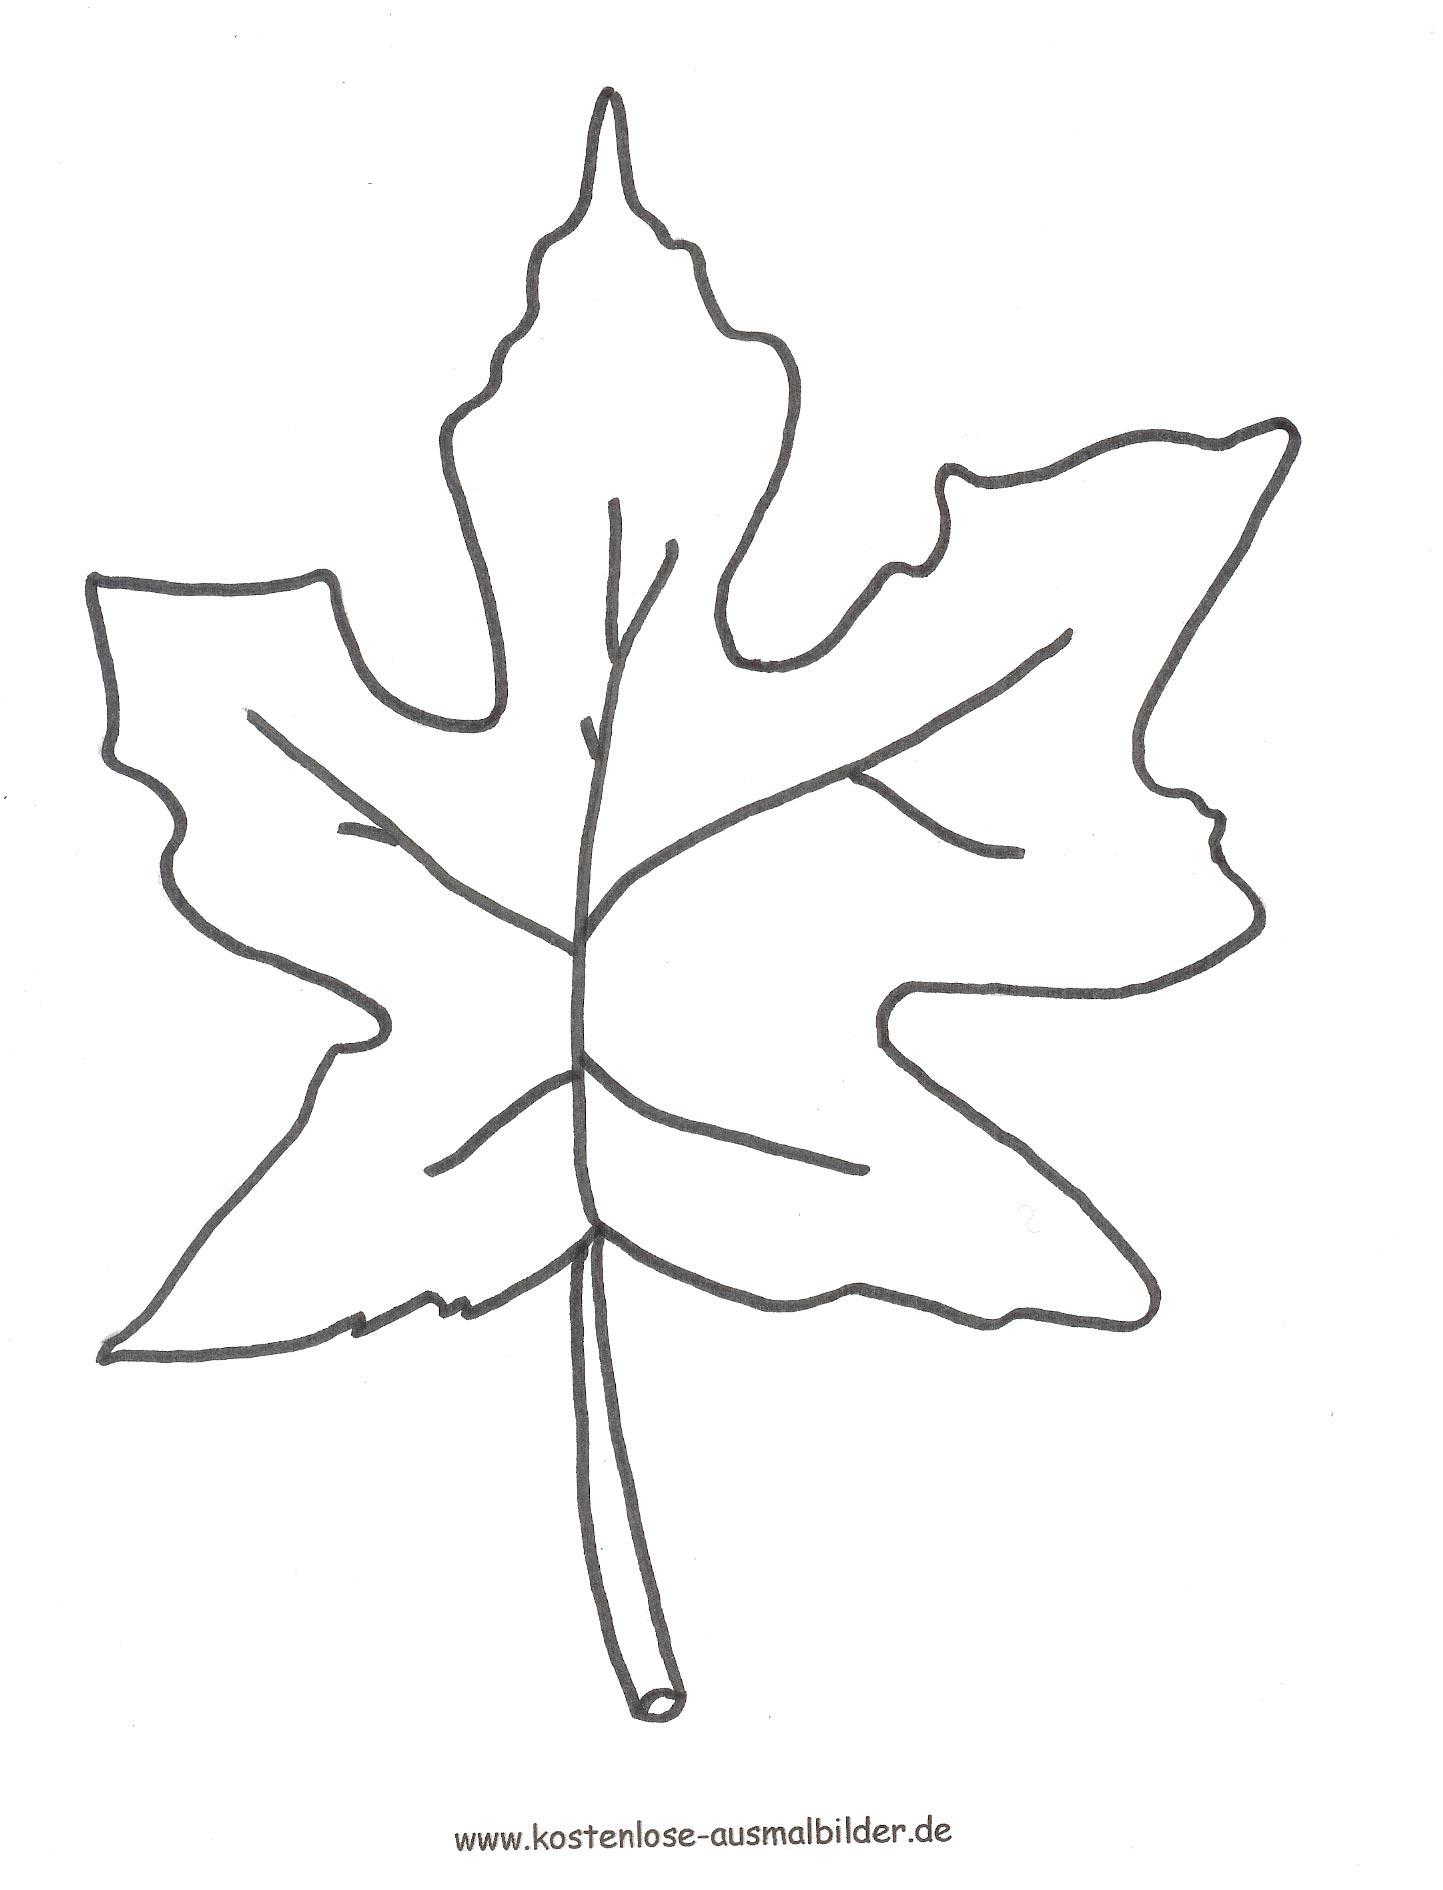 Malvorlagen - Ausmalbilder Laub / Blã¤Tter   Malvorlagen Zum über Malvorlagen Herbst Blätter Ausdrucken